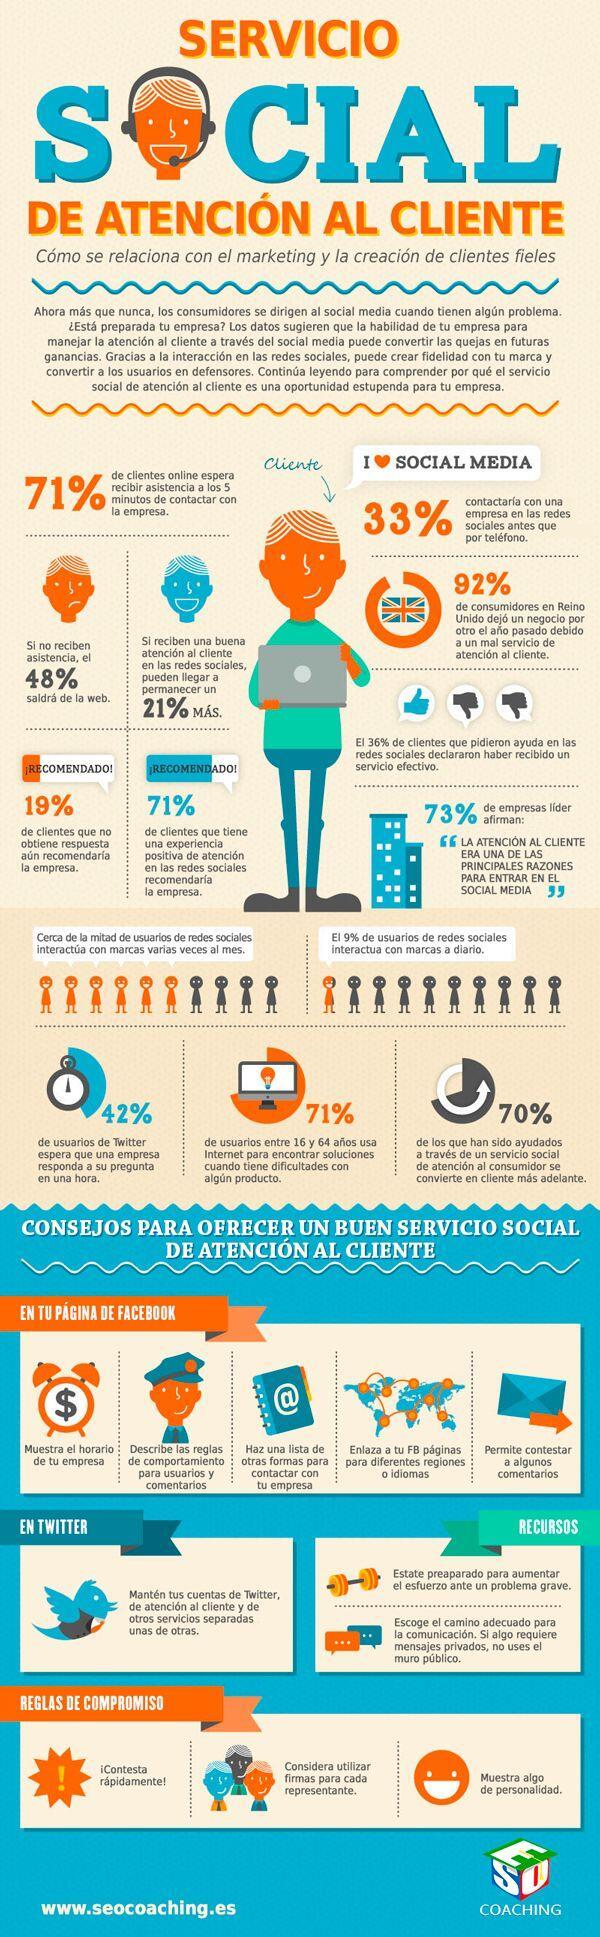 Atención al cliente con Redes Sociales